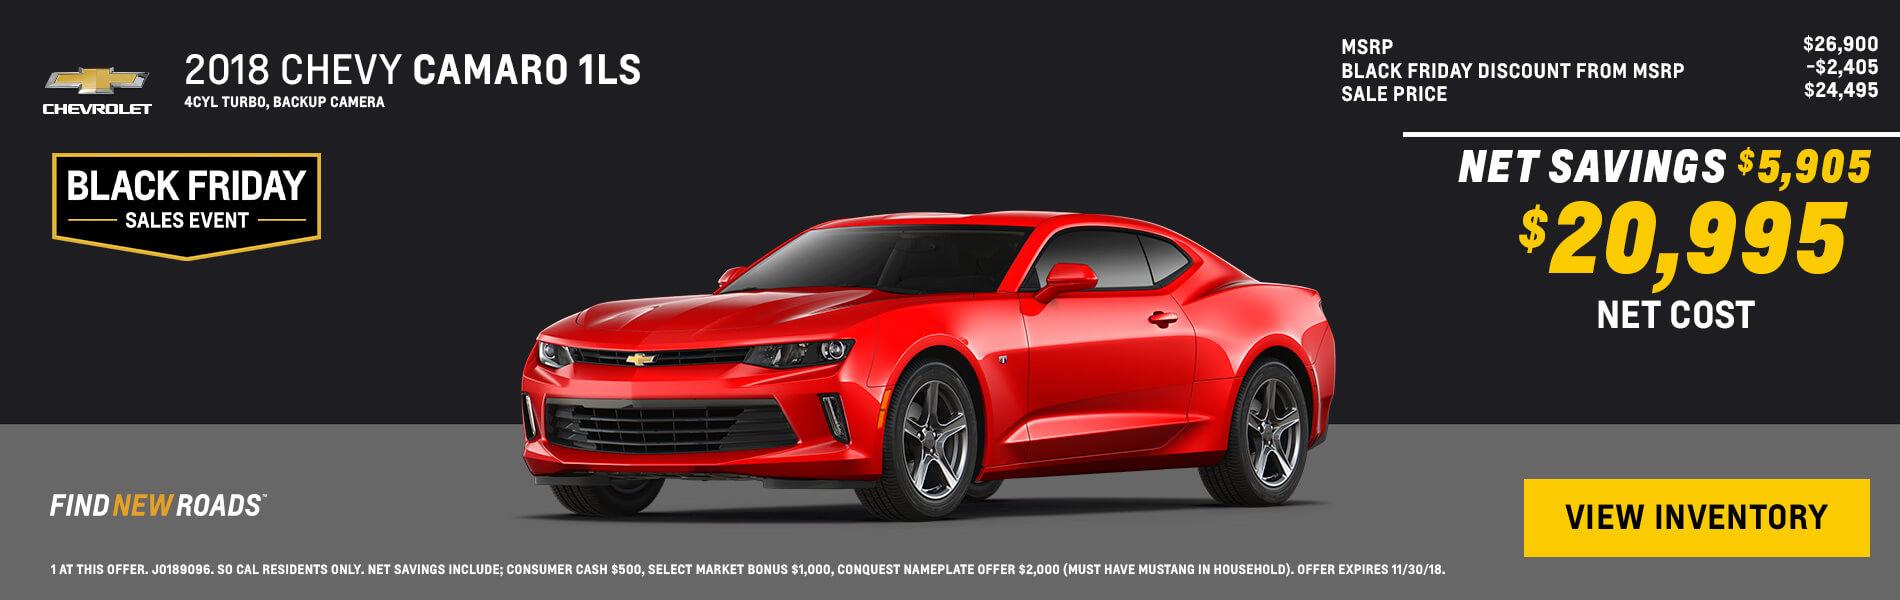 New Used Chevrolet Dealer Cerritos Whittier El Monte 2013 Chevy Equinox Fuel Filter Location 2018 Camaro